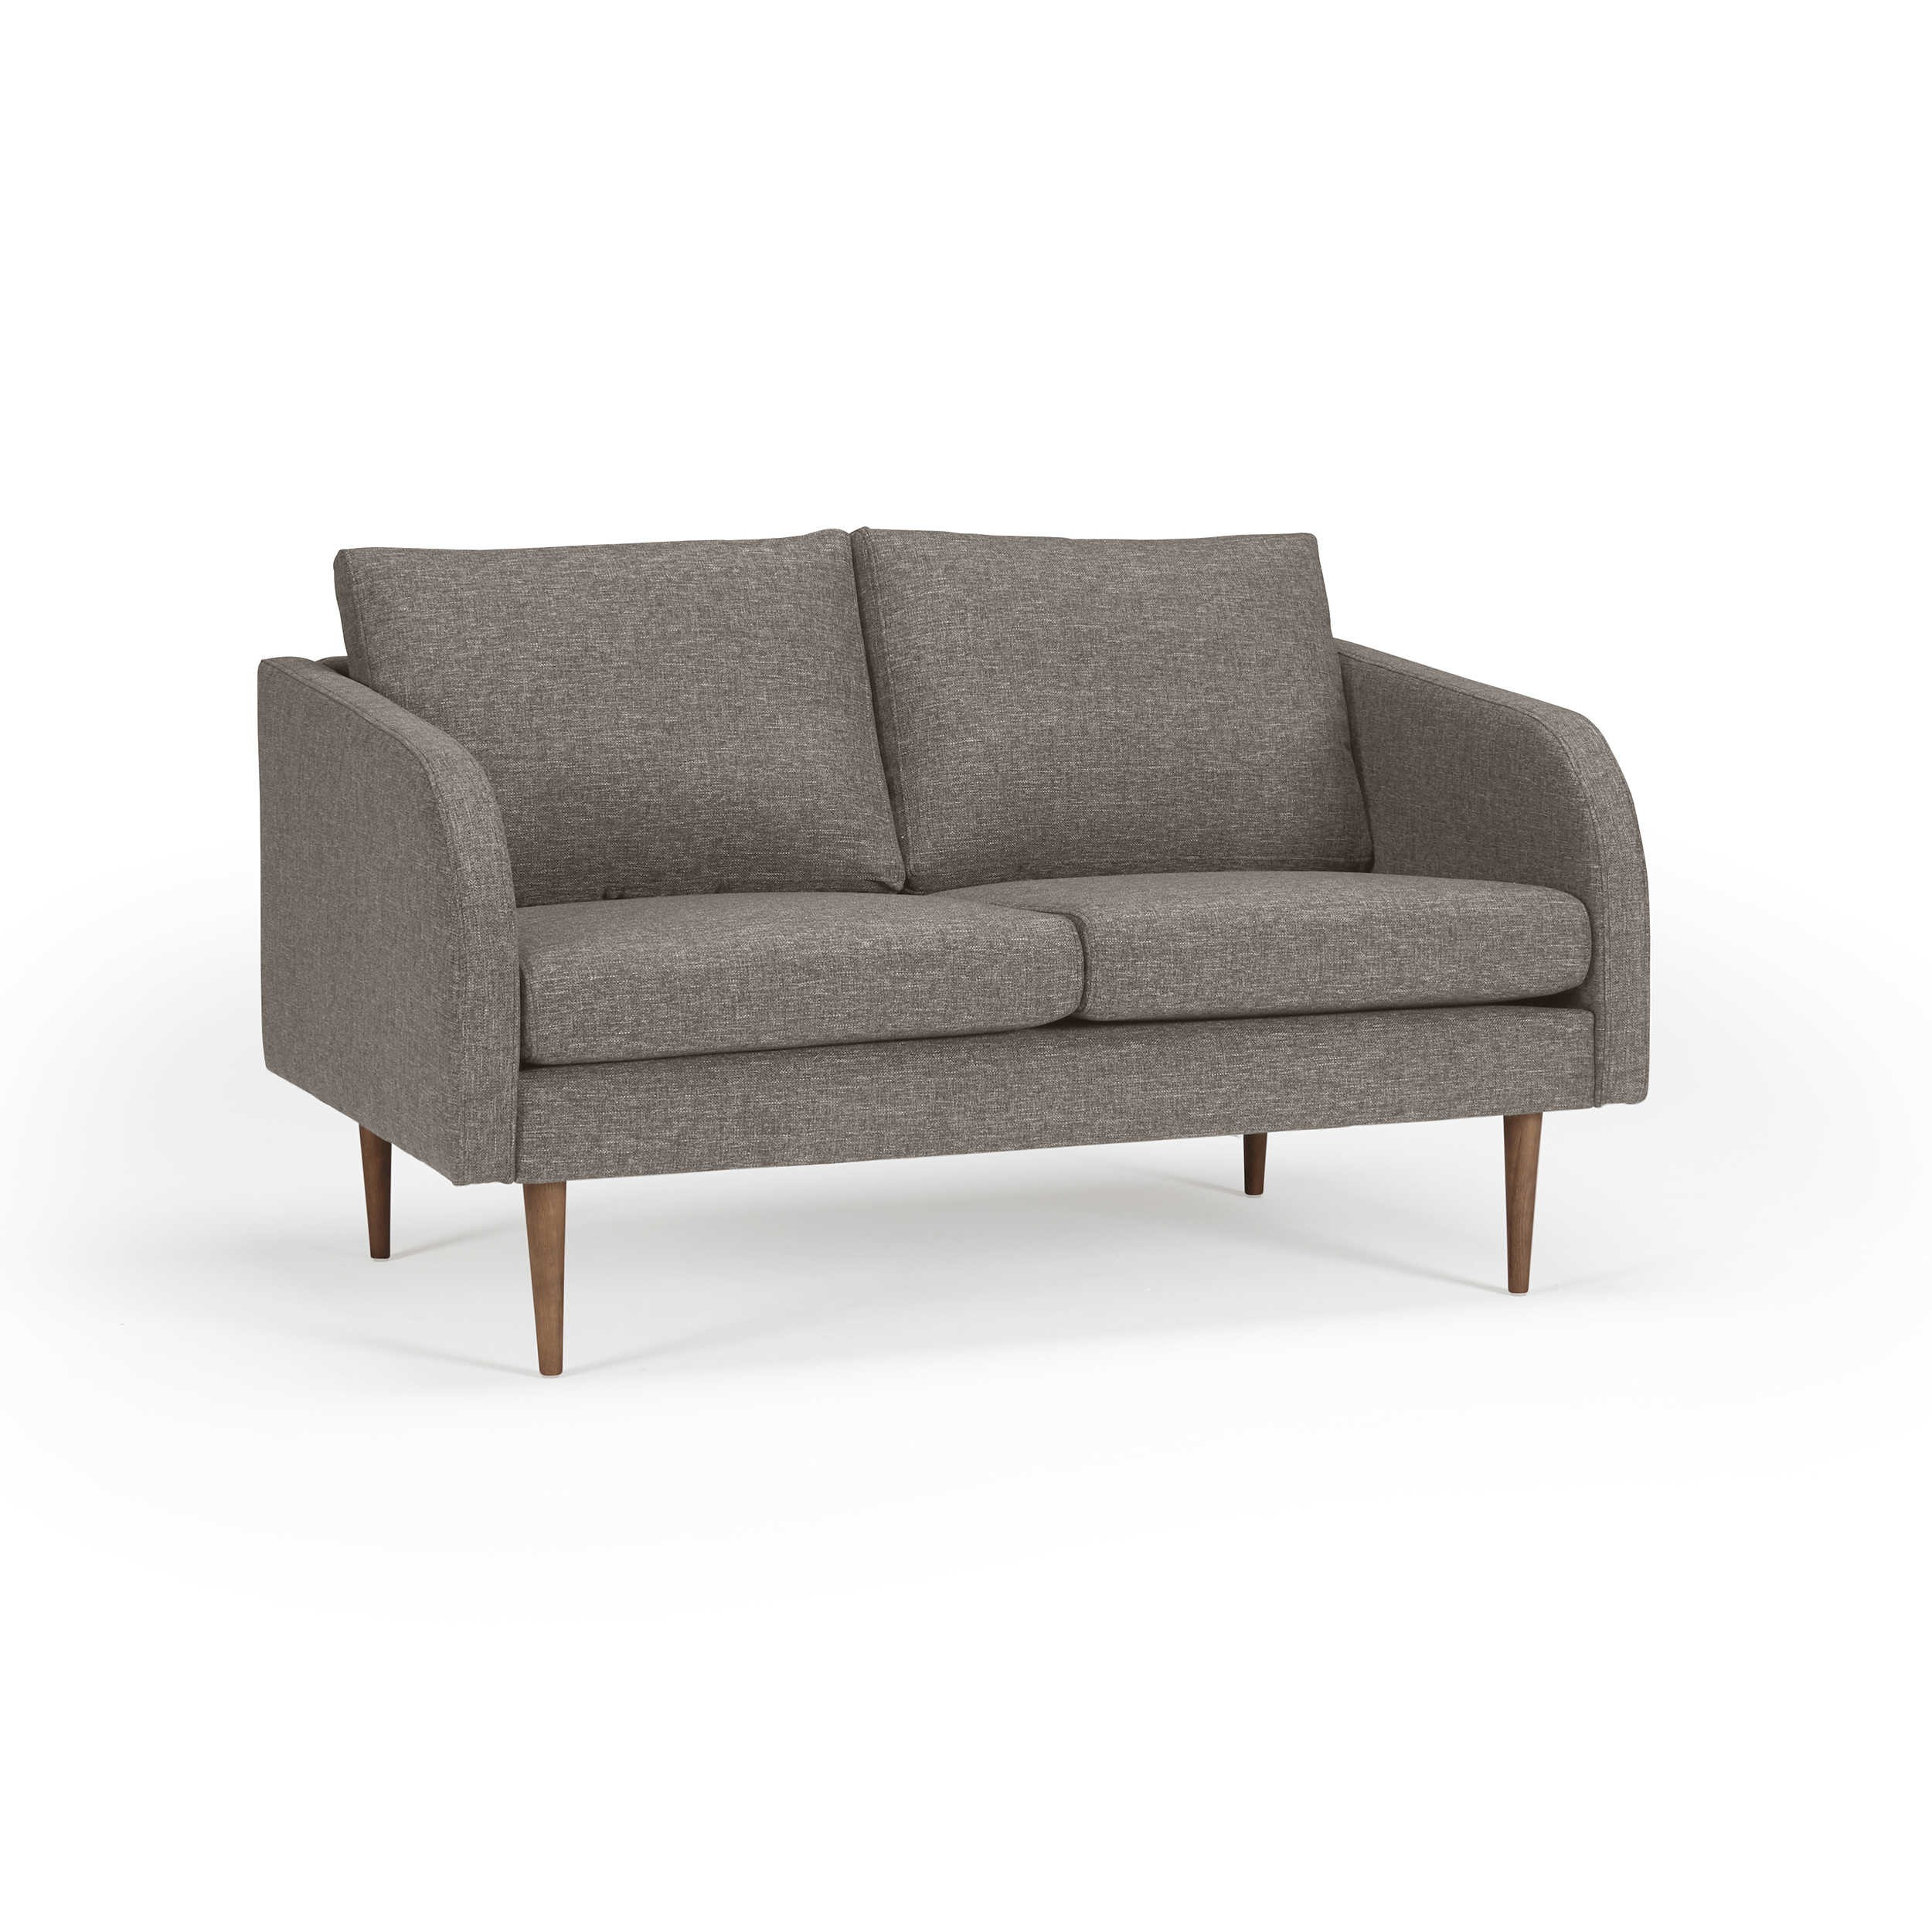 kragelund sofa k374 hugo braun stoff online kaufen bei woonio. Black Bedroom Furniture Sets. Home Design Ideas